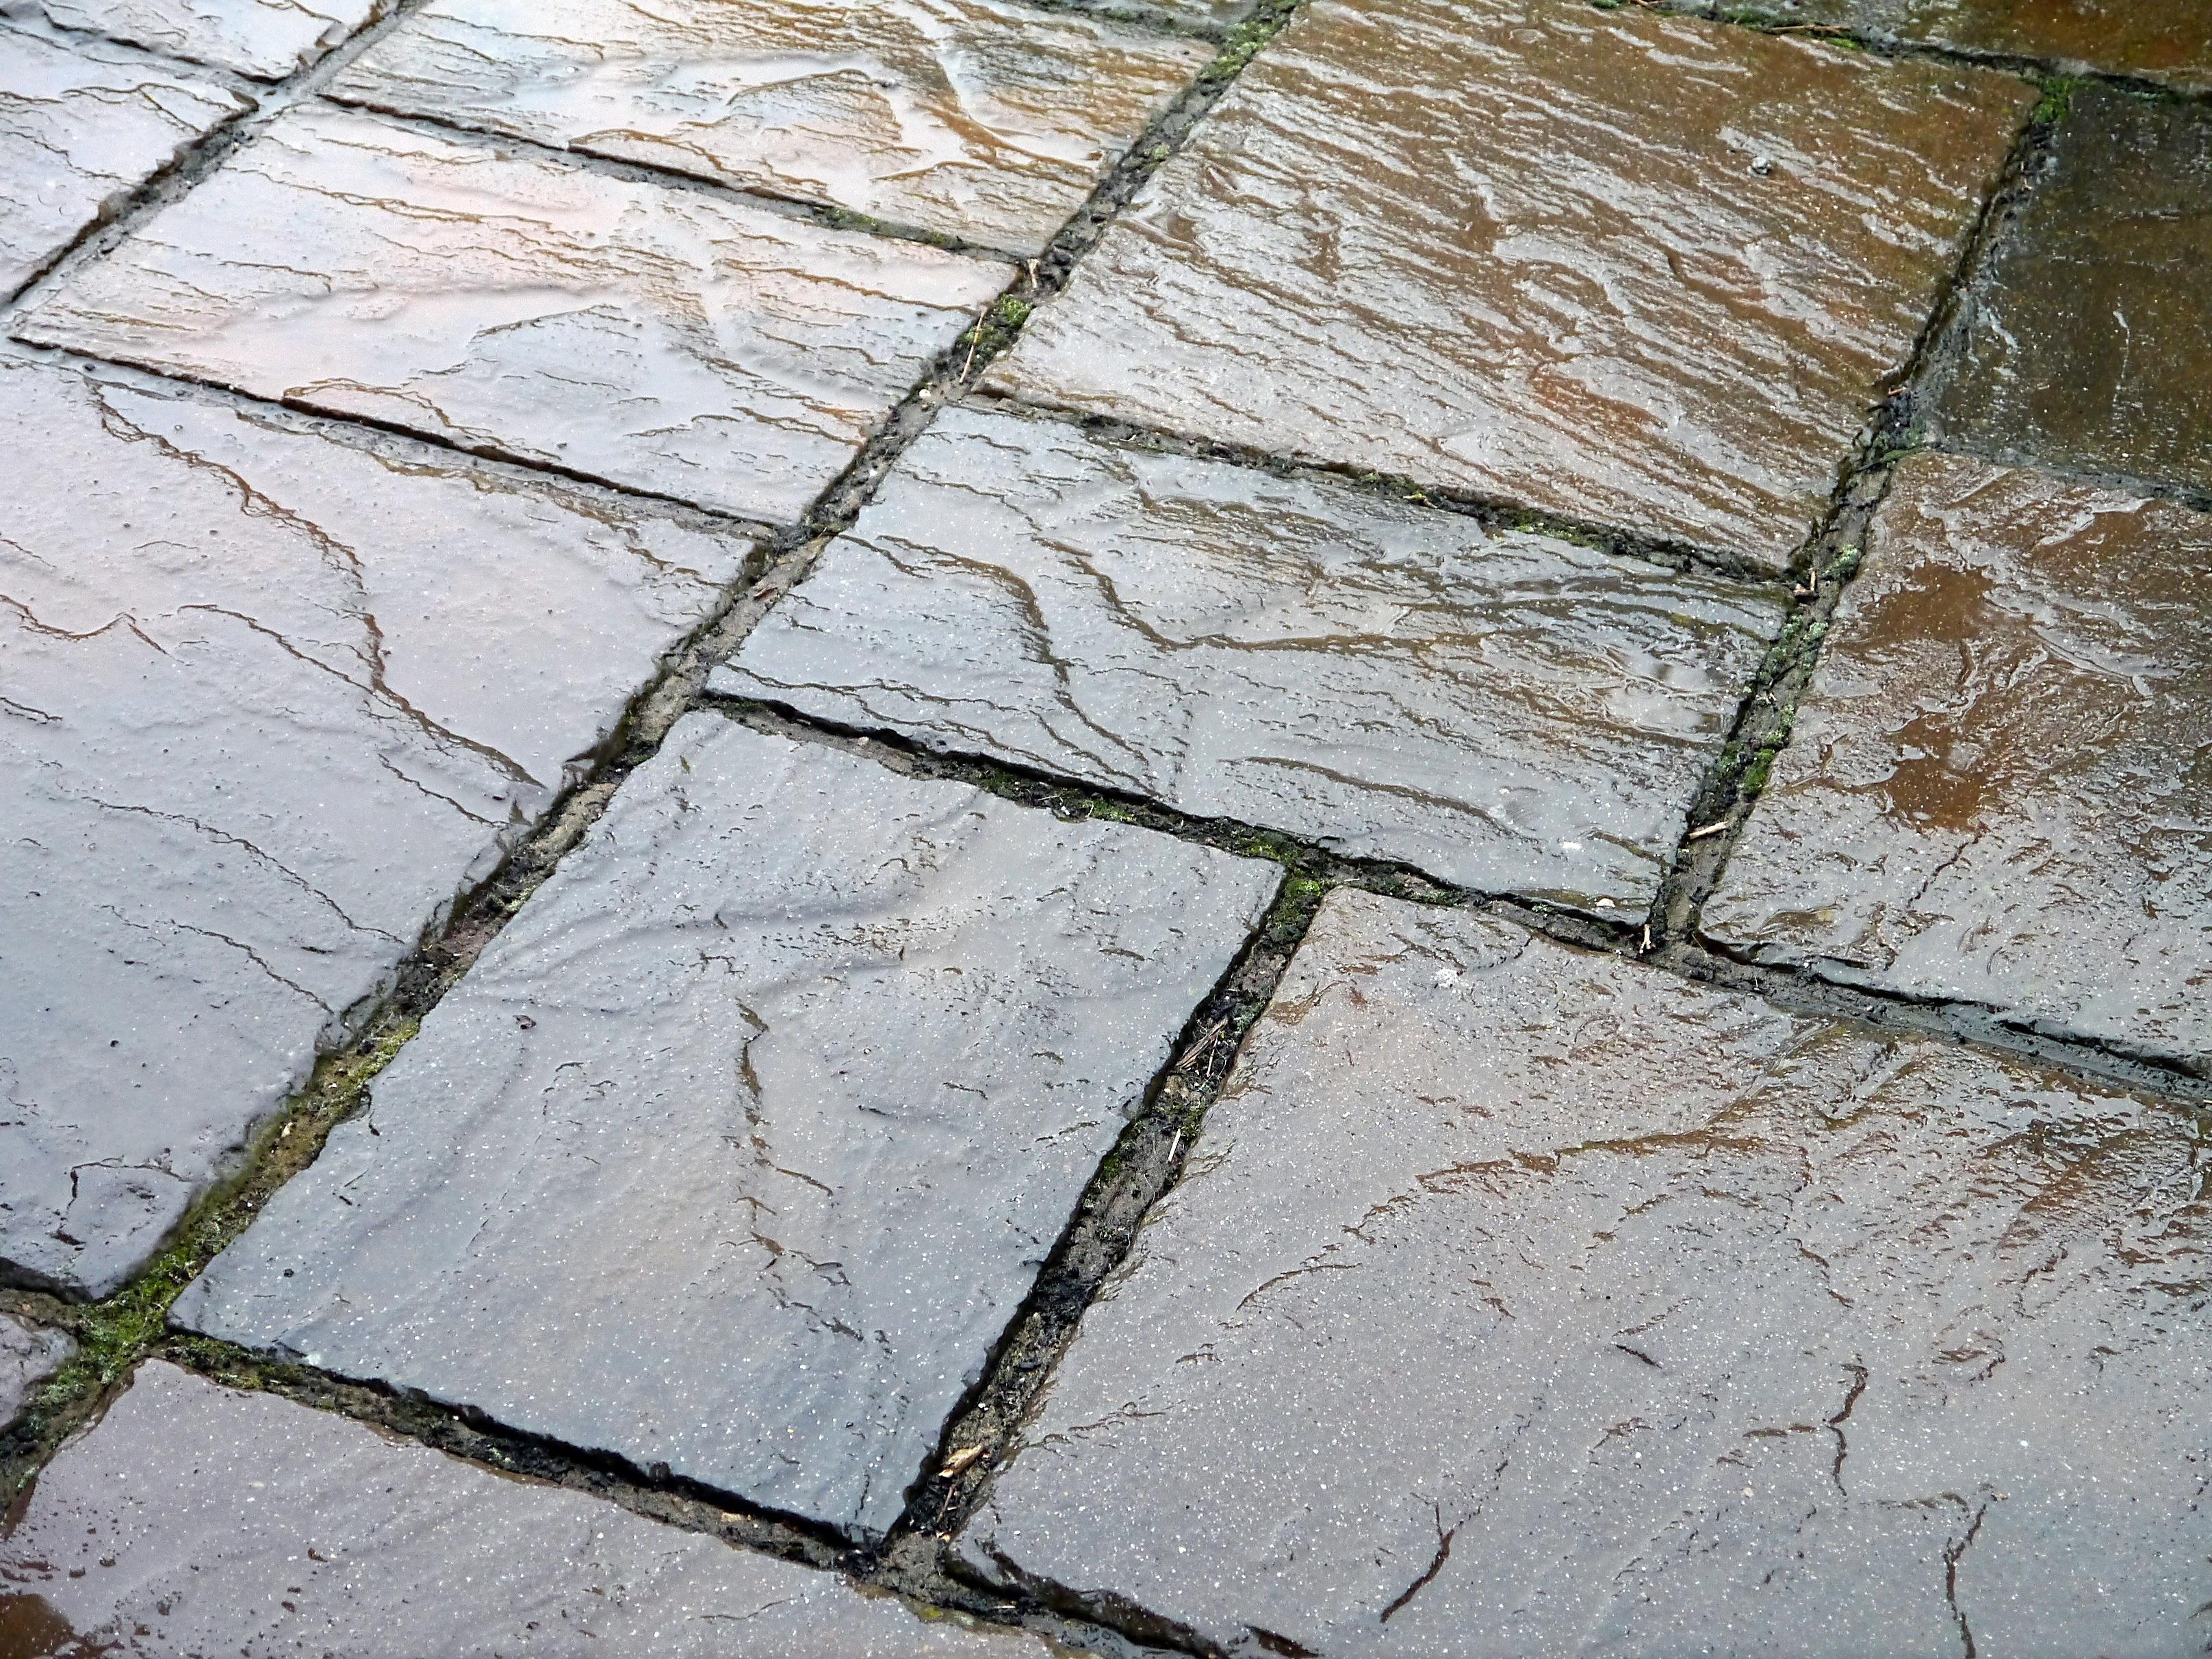 Rock Sidewalk Floor Wet Cobblestone